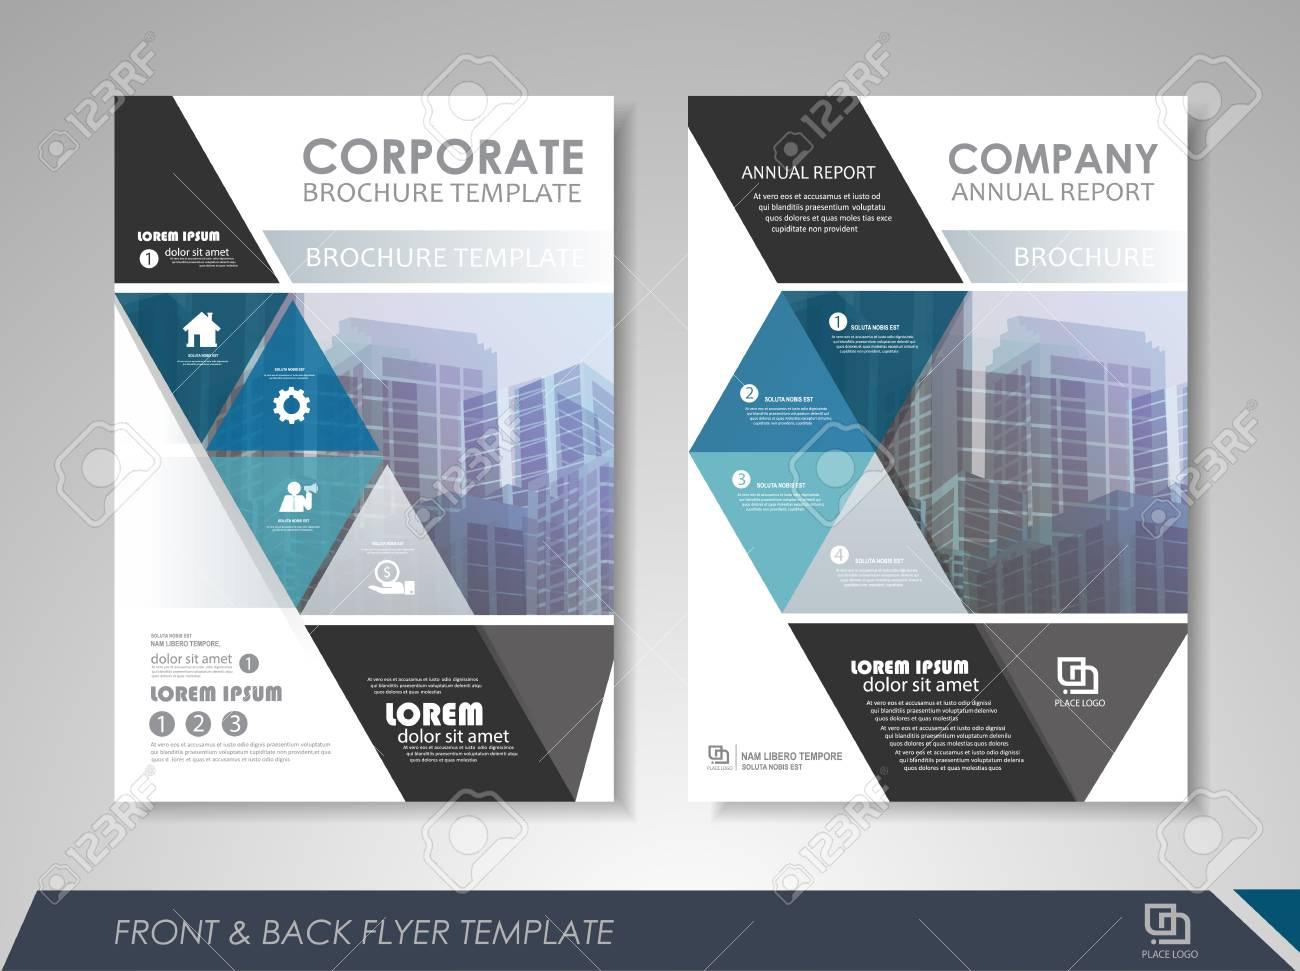 Modelo De Design Do Folheto Do Relatório Anual Azul Folheto De Apresentação De Apresentação De Fundo Abstrato Para Empresas Revistas Cartazes